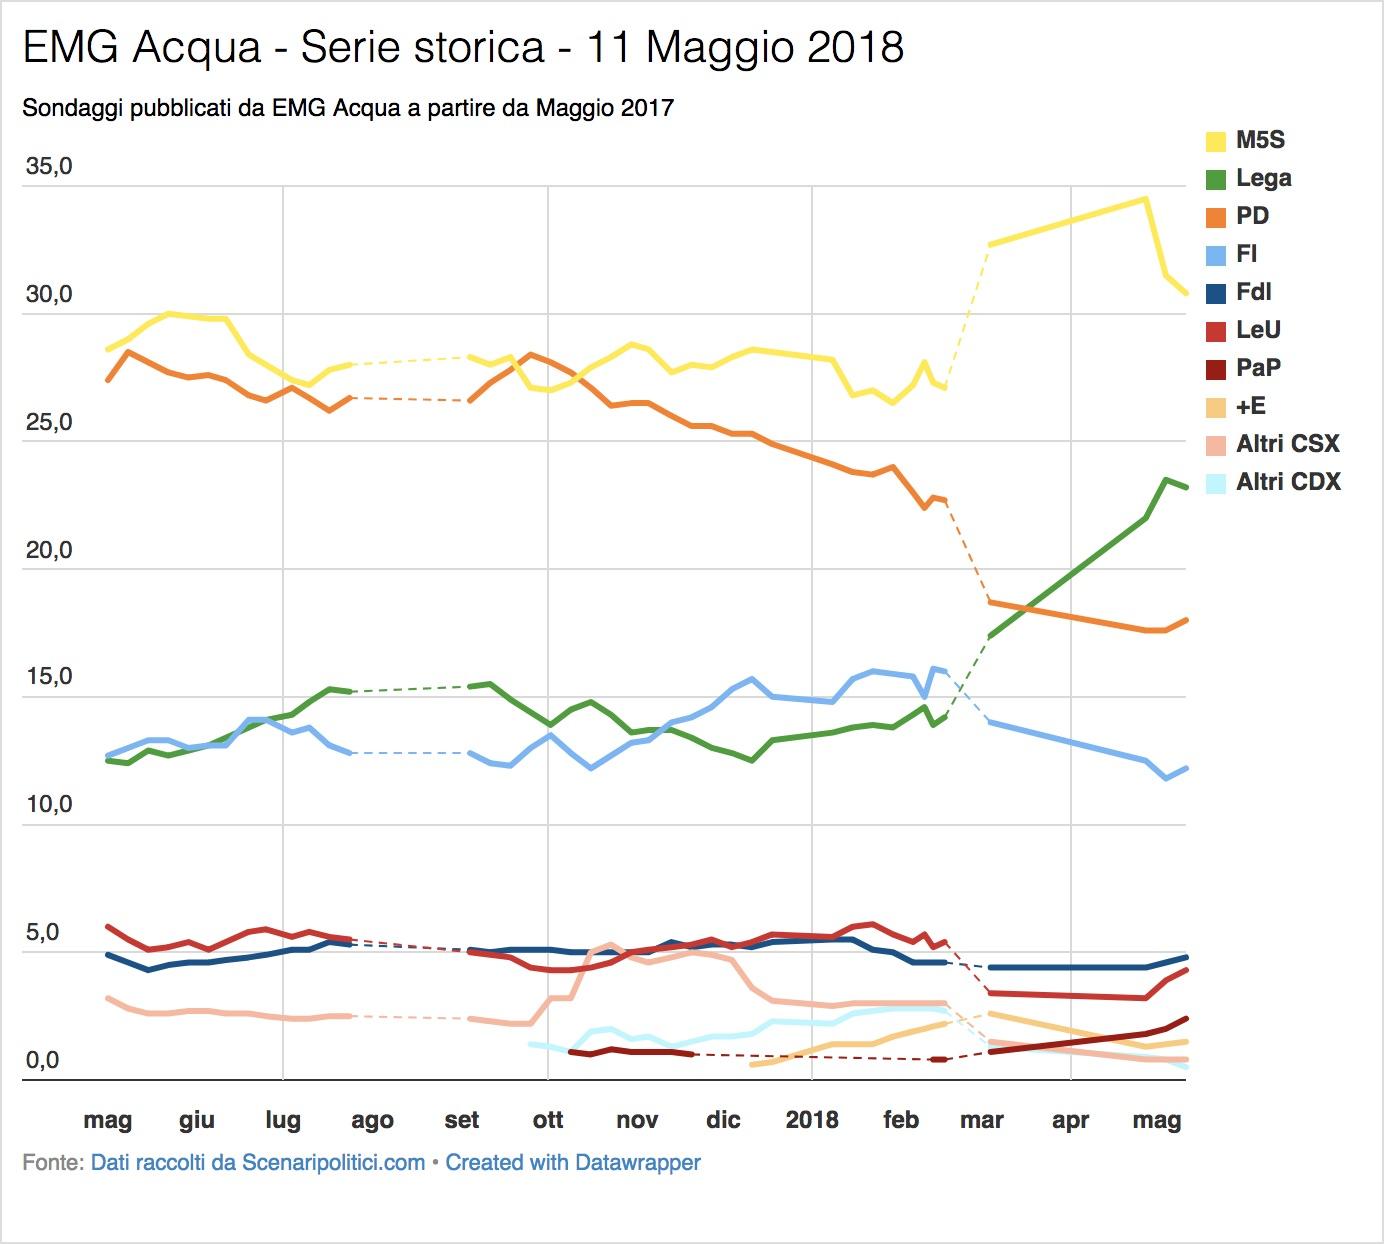 Sondaggio EMG Acqua (11 Maggio 2018)